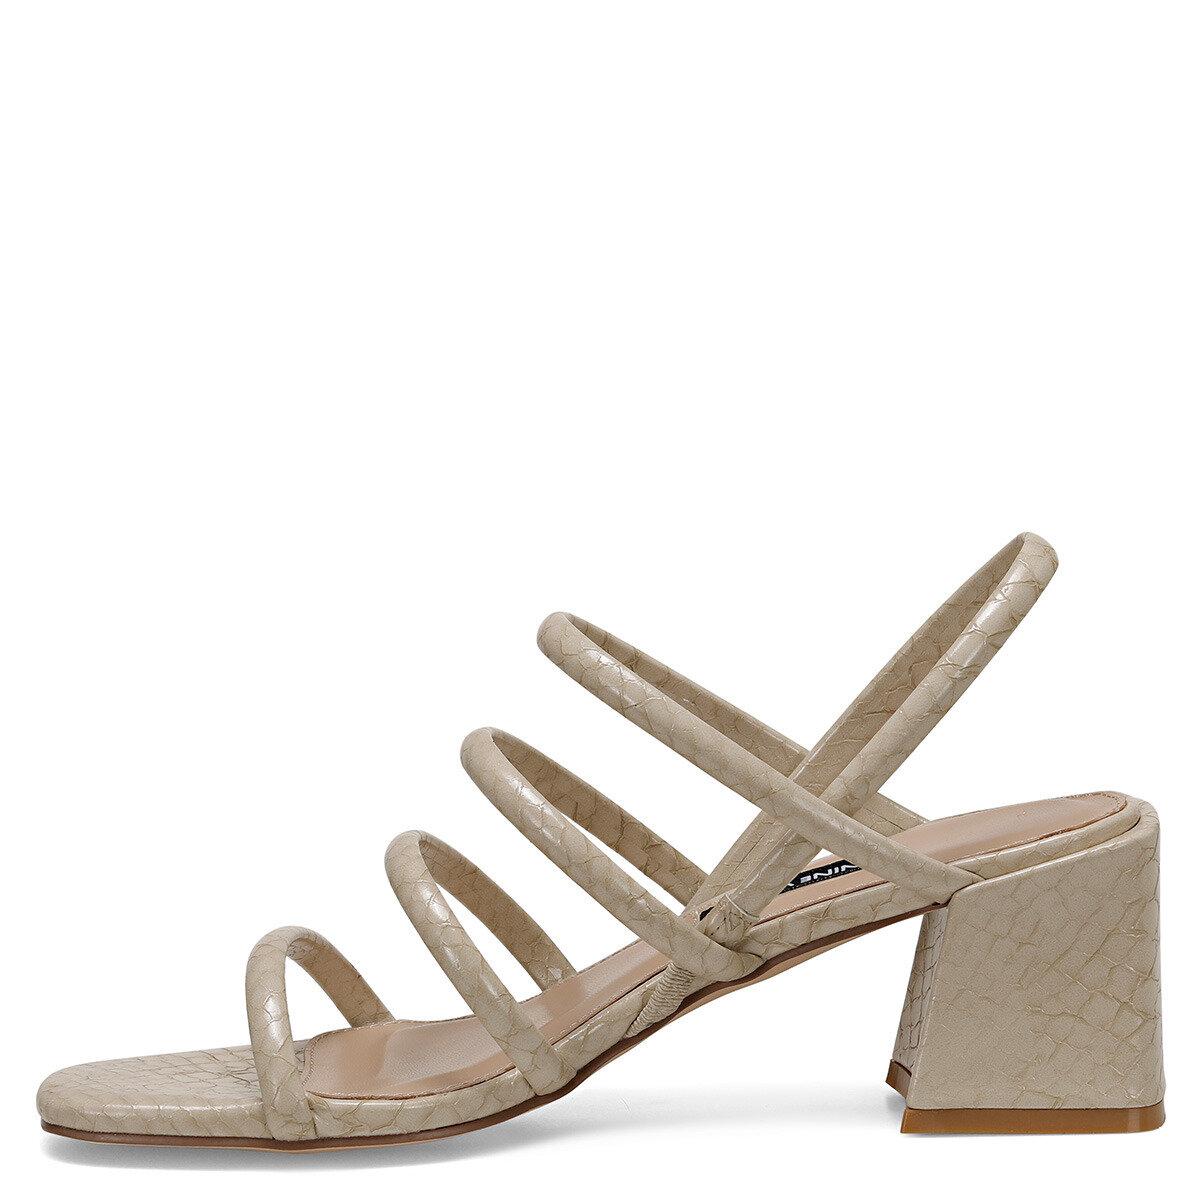 LAMAR Bej Kadın Topuklu Sandalet